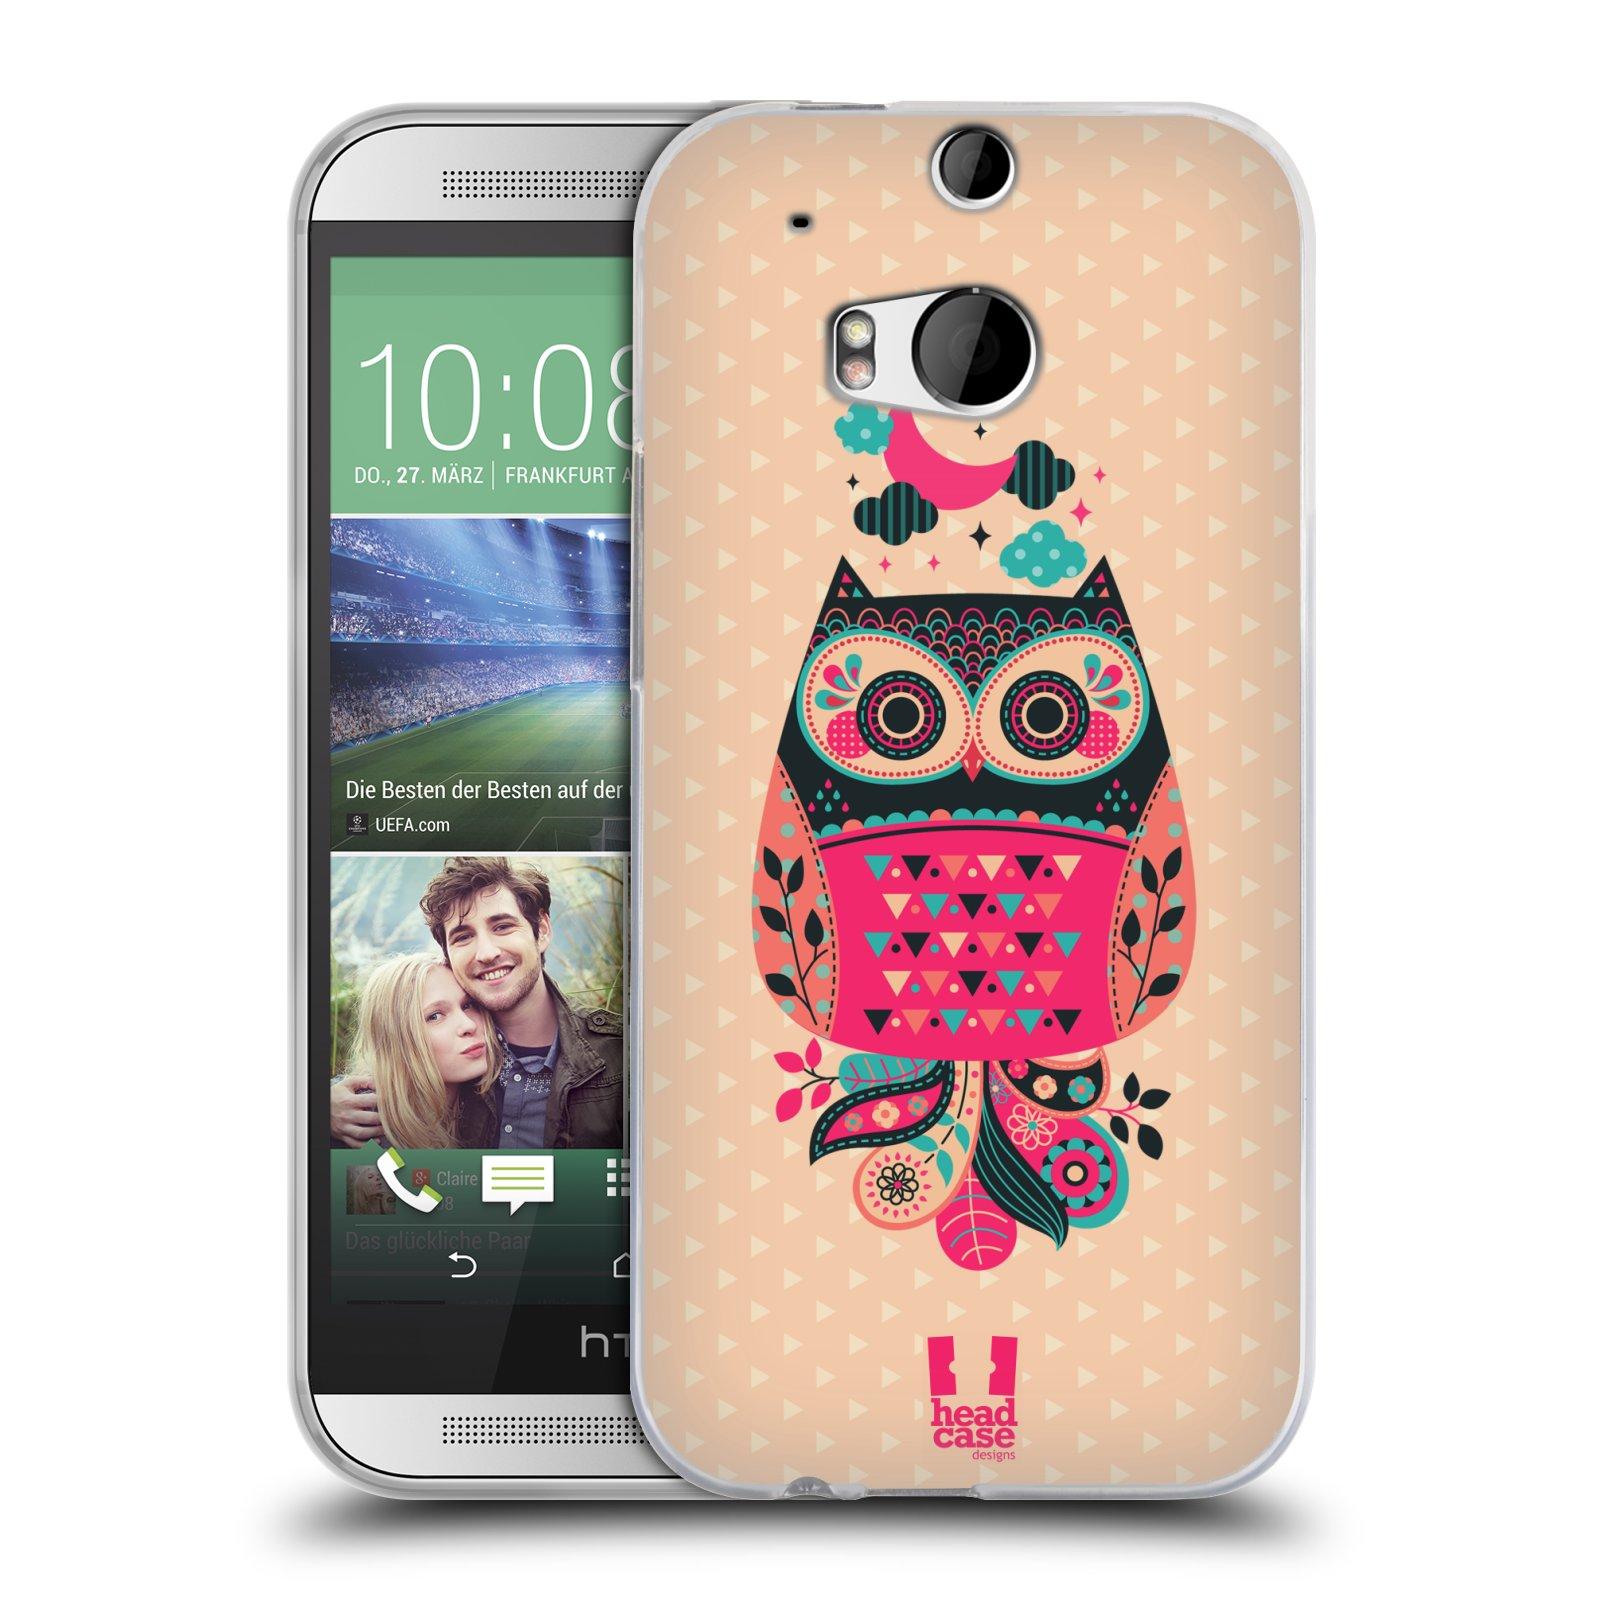 HEAD CASE silikonový obal na mobil HTC ONE (M8) vzor Stmívání sovička černá a korálová